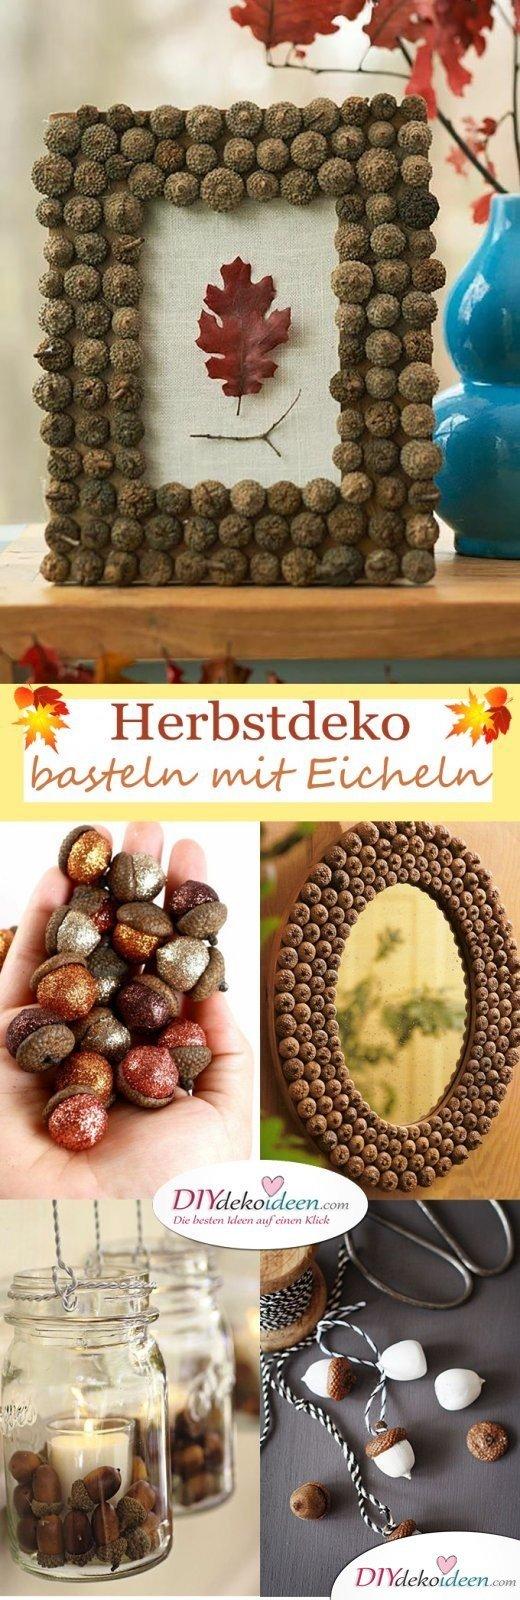 Herbst ist Bastelzeit - 15+ DIY Ideen für Herbstdeko basteln mit Eicheln